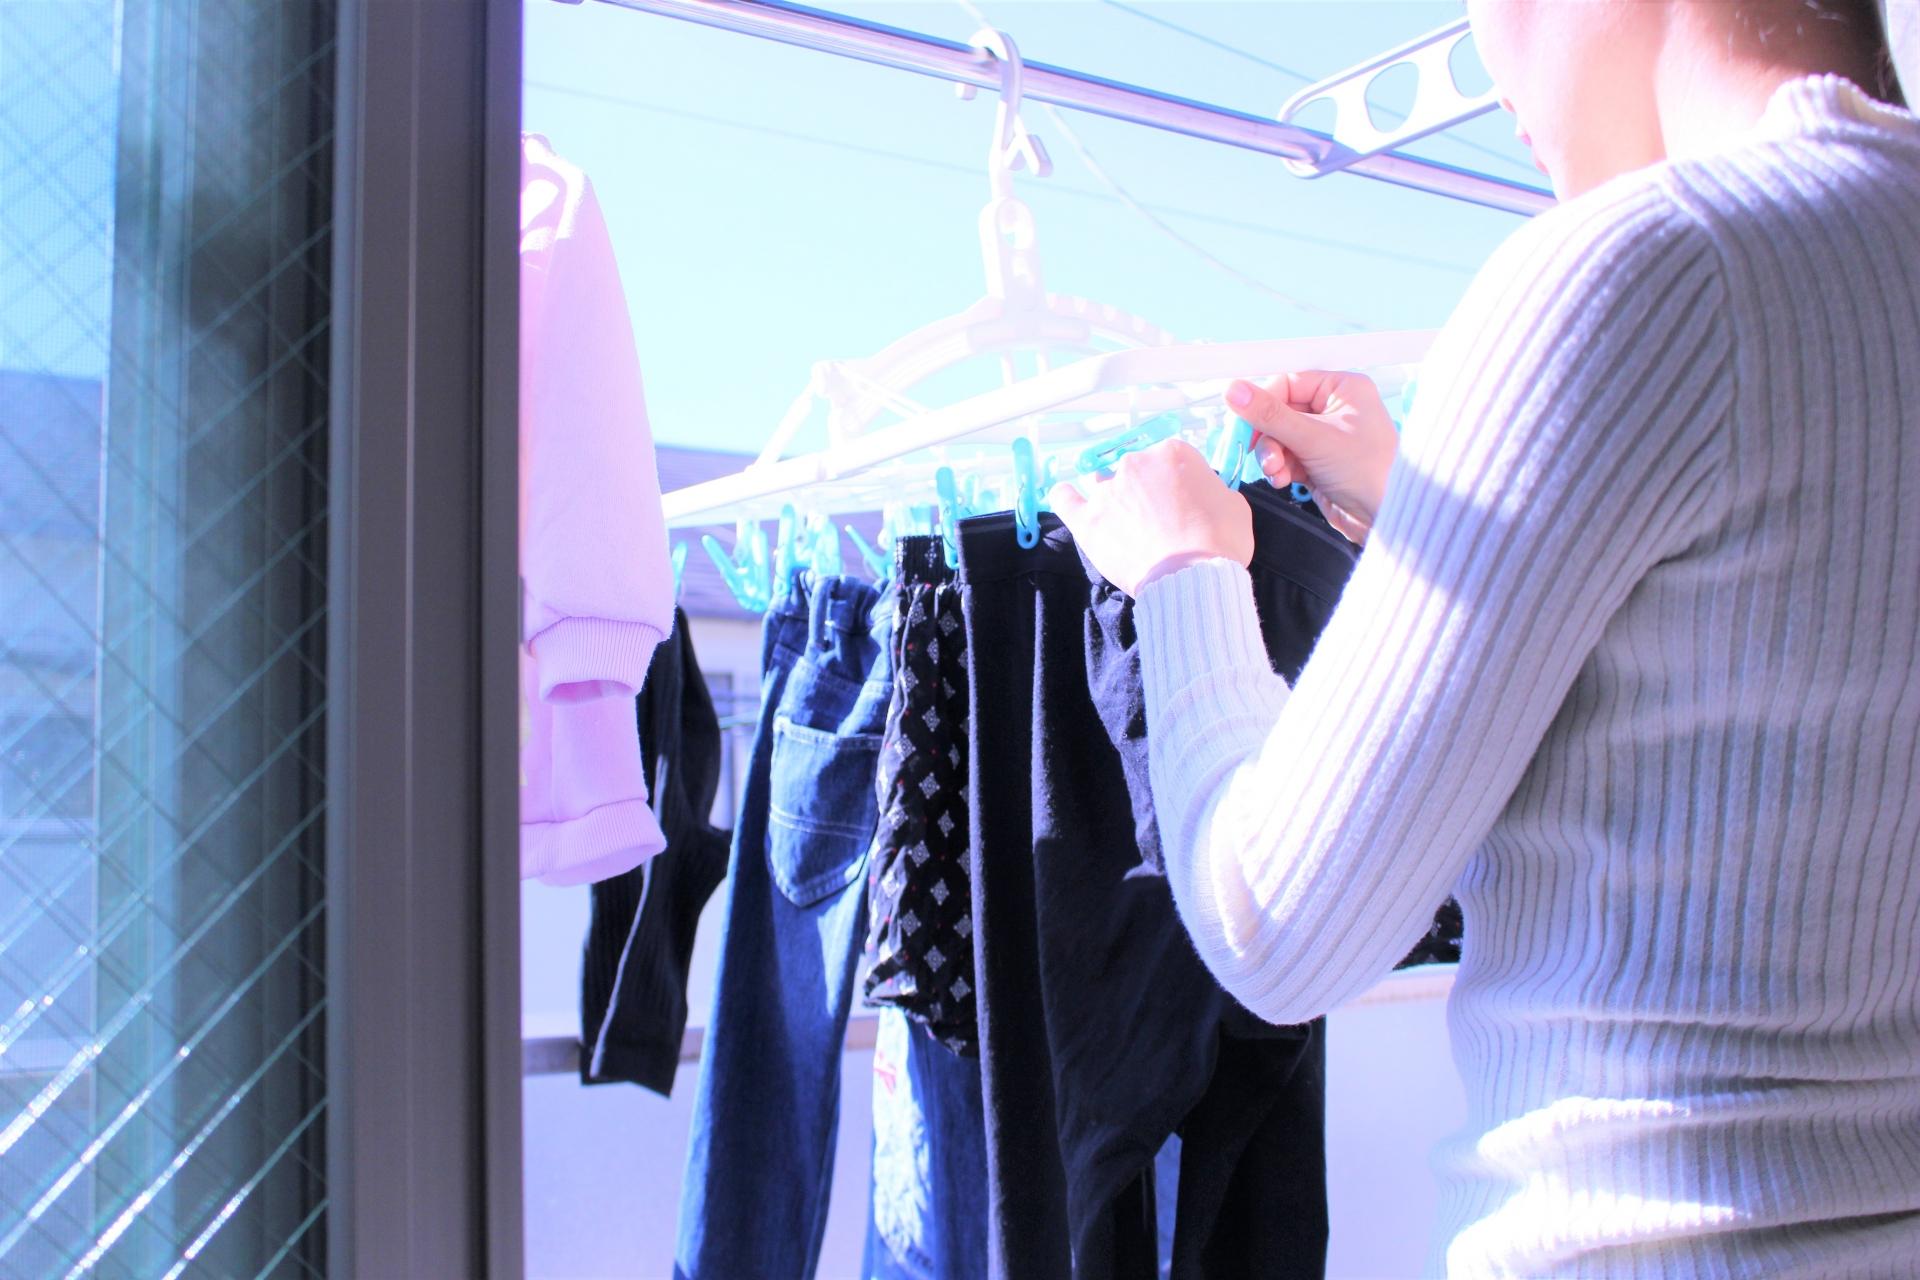 お気に入りのブラや洋服、そして自分を守るために。今からはじめる防犯対策!